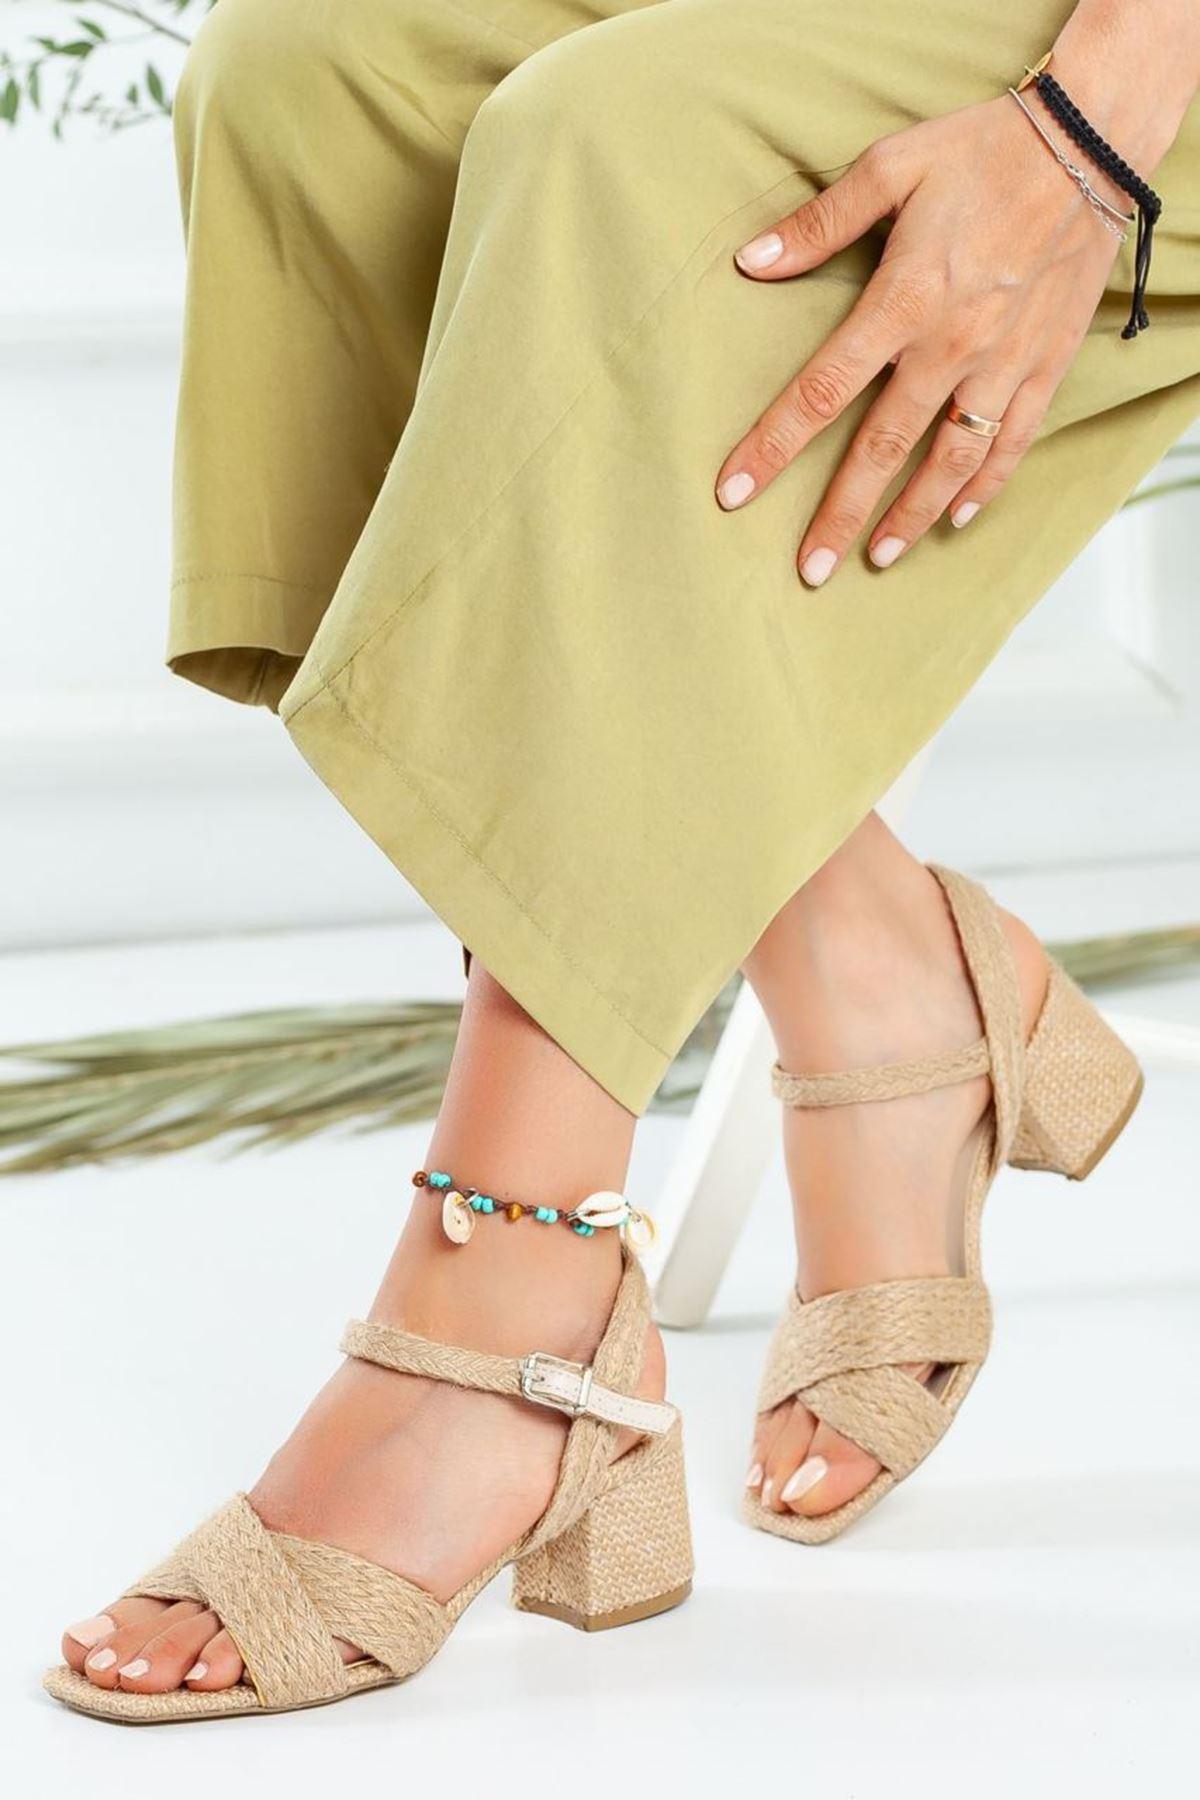 Kadın Boten Kısa Topuklu Ayakkabı Hasır